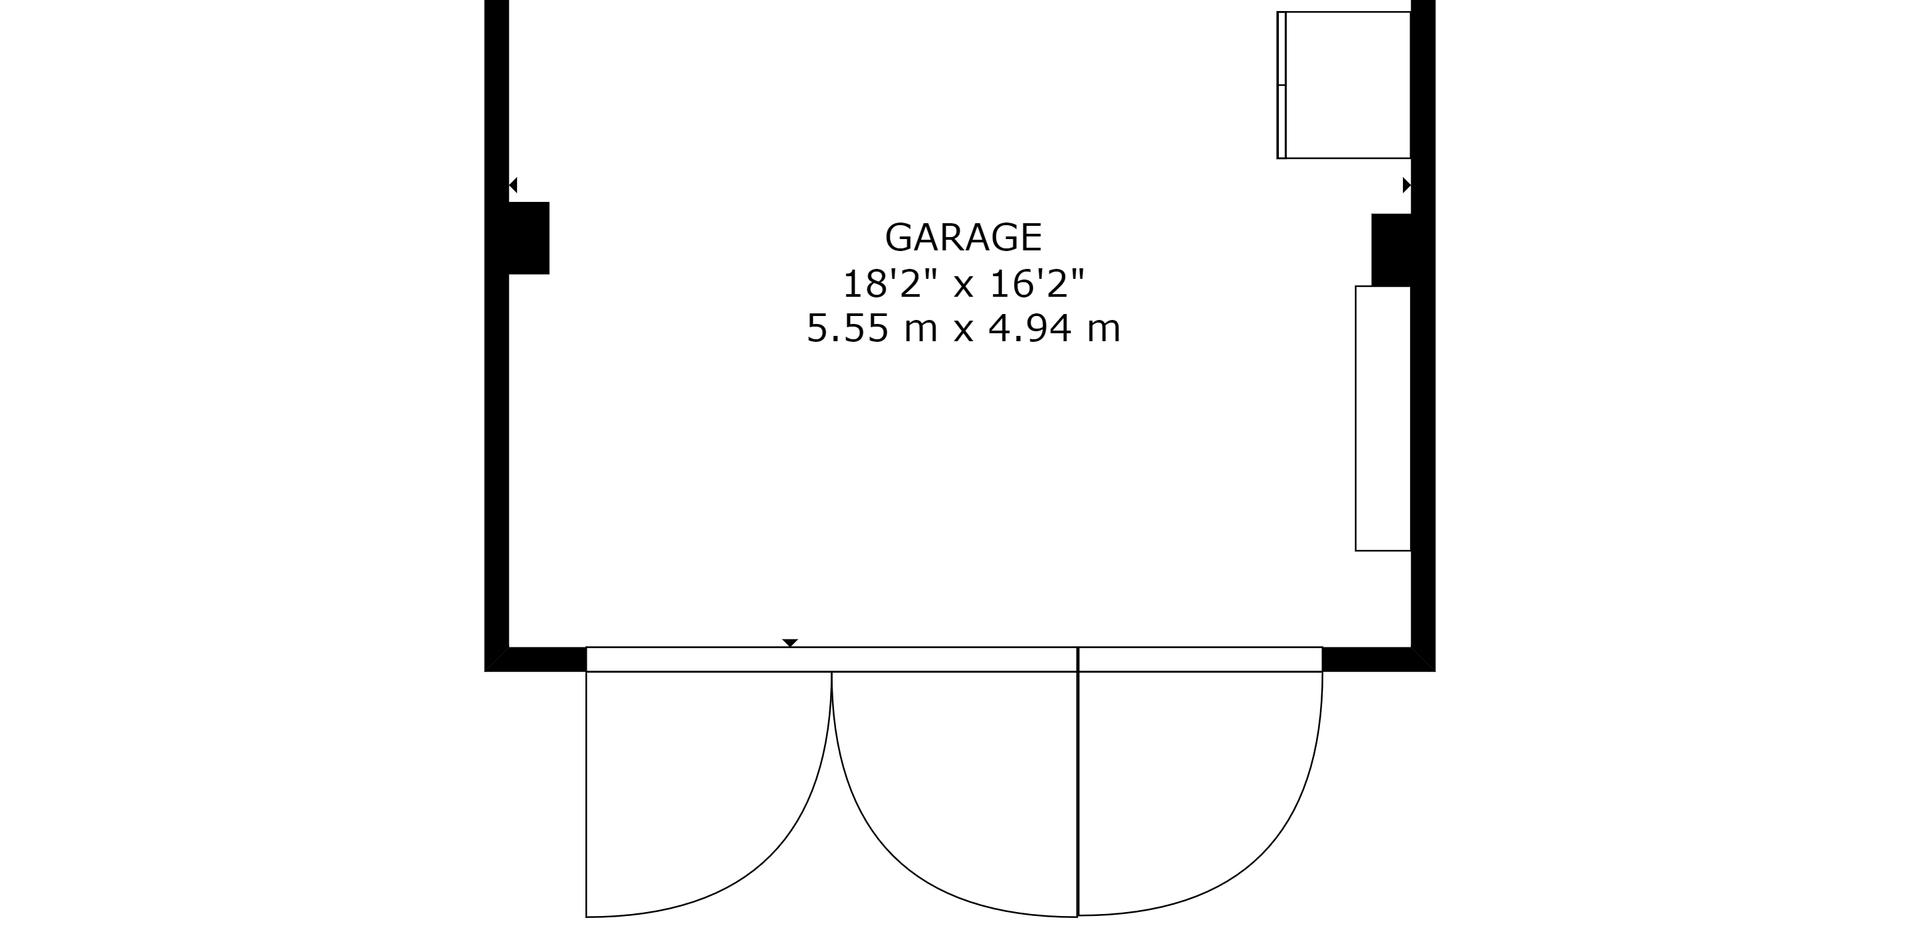 FP - Cavanbah garage.png